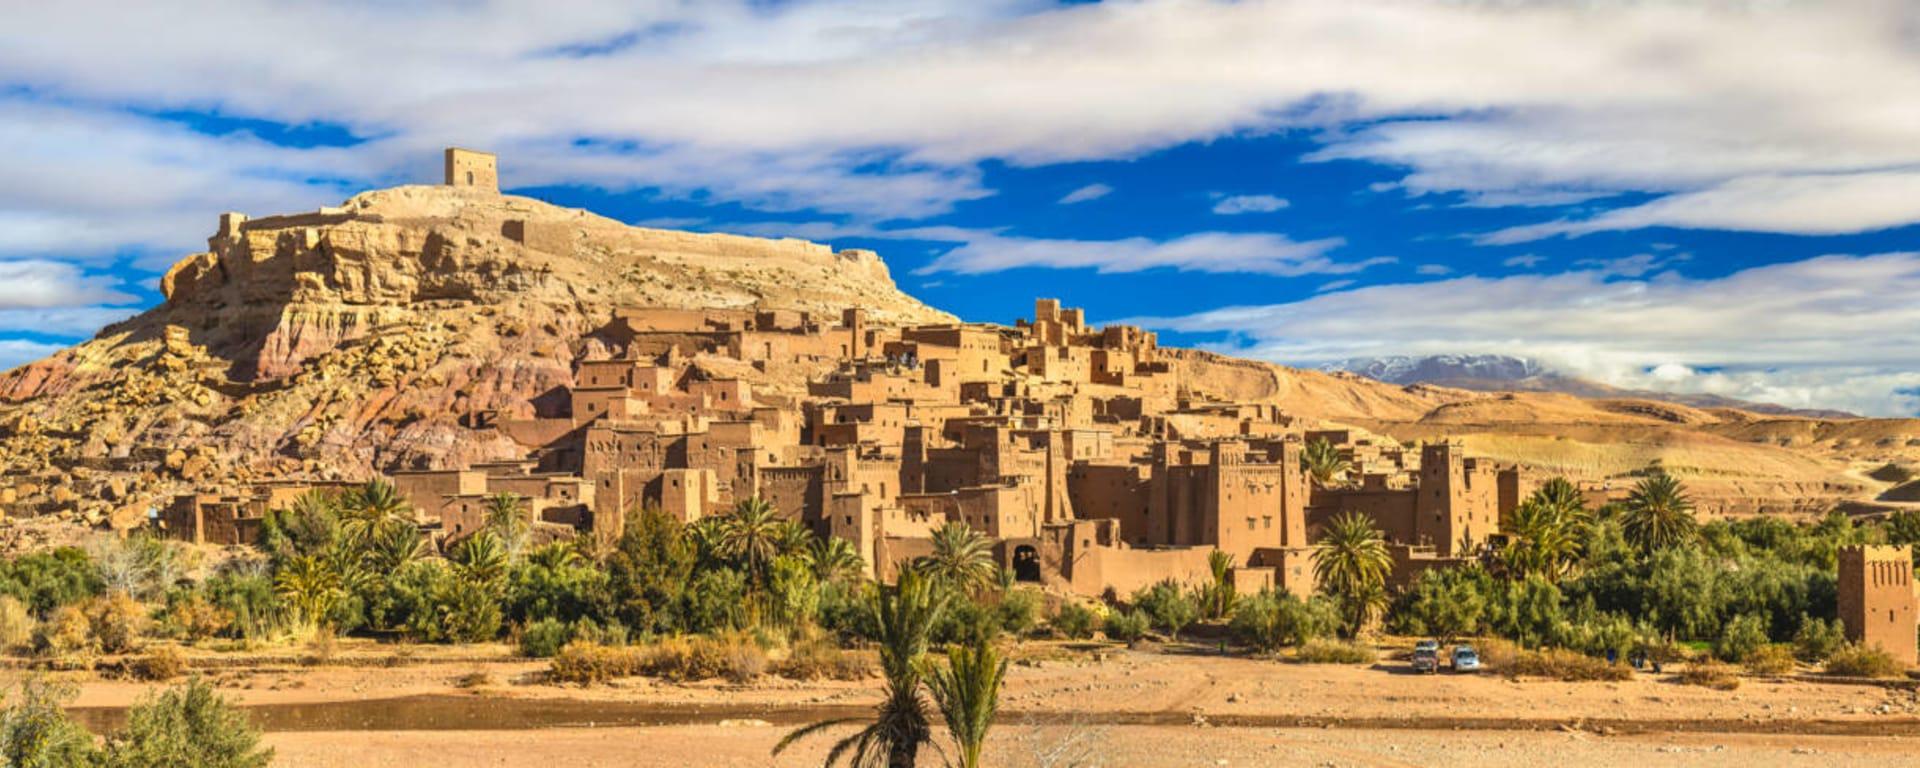 Marokko entdecken mit Tischler Reisen: Marokko Ait Benhaddou Panorama